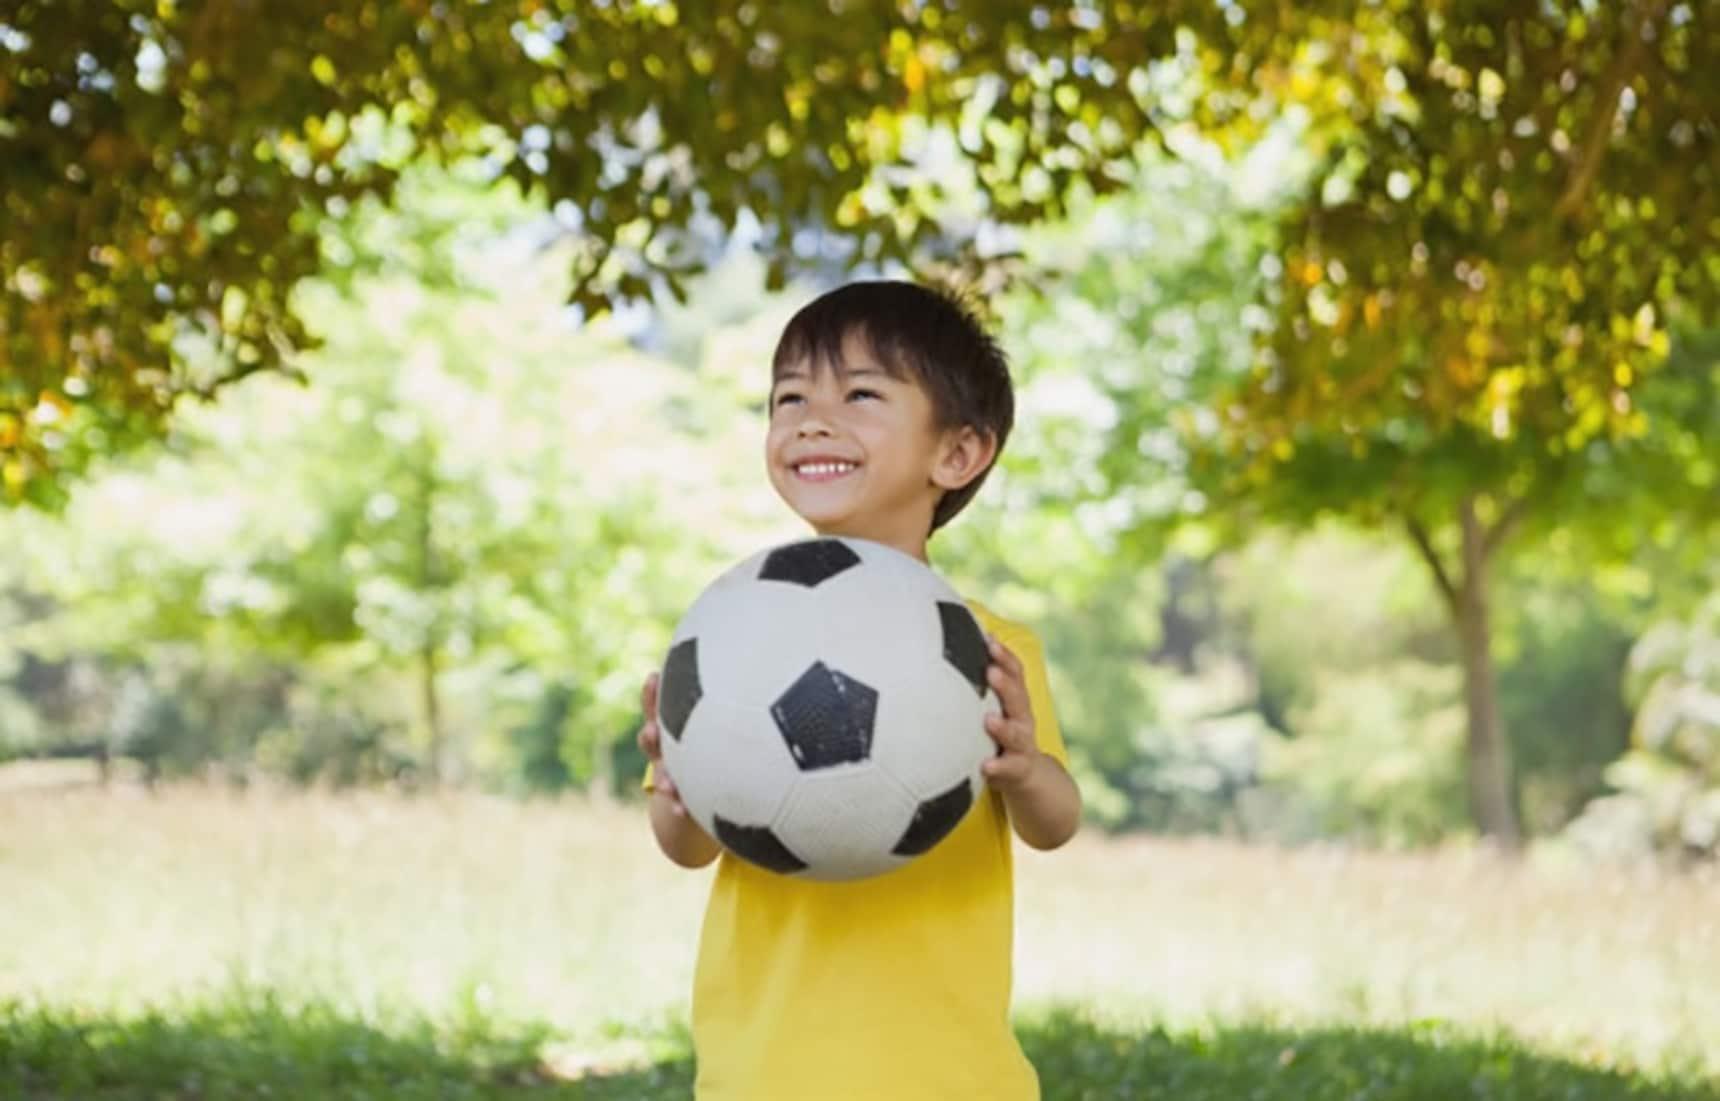 คุณภาพชีวิตเด็กญี่ปุ่น ภาคสถานที่เล่น